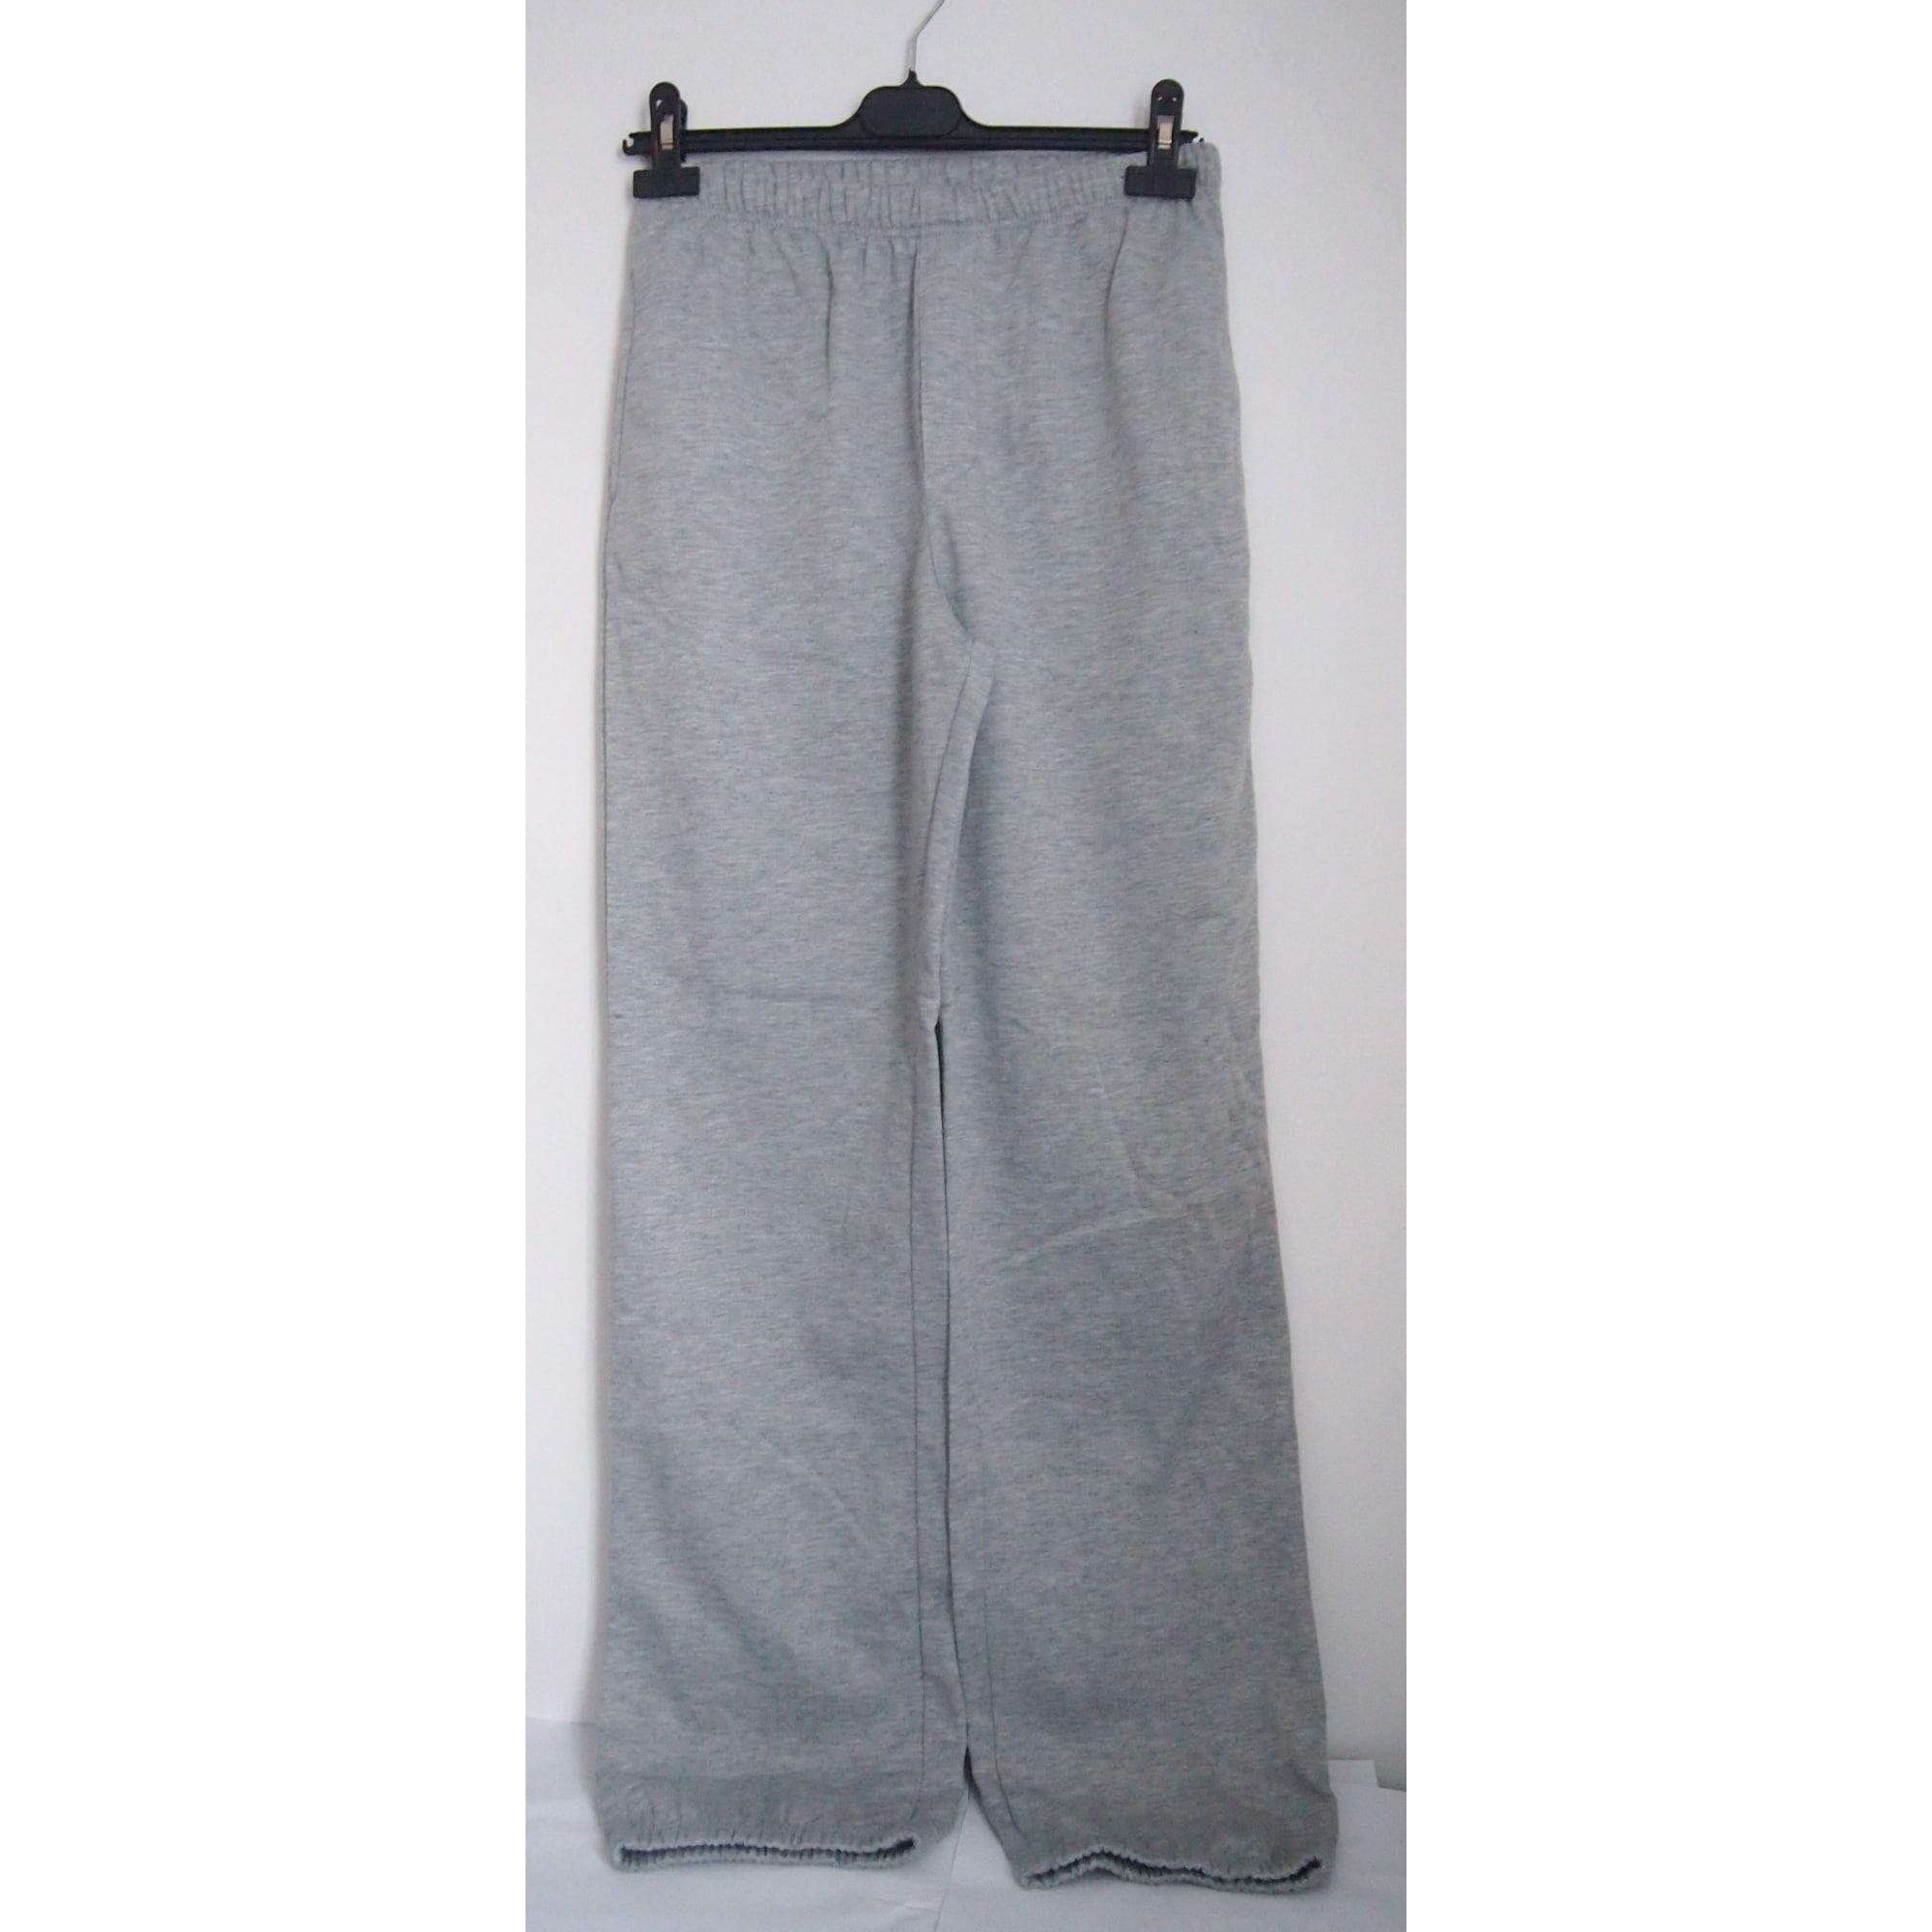 Pantalon de survêtement KIABI Gris, anthracite